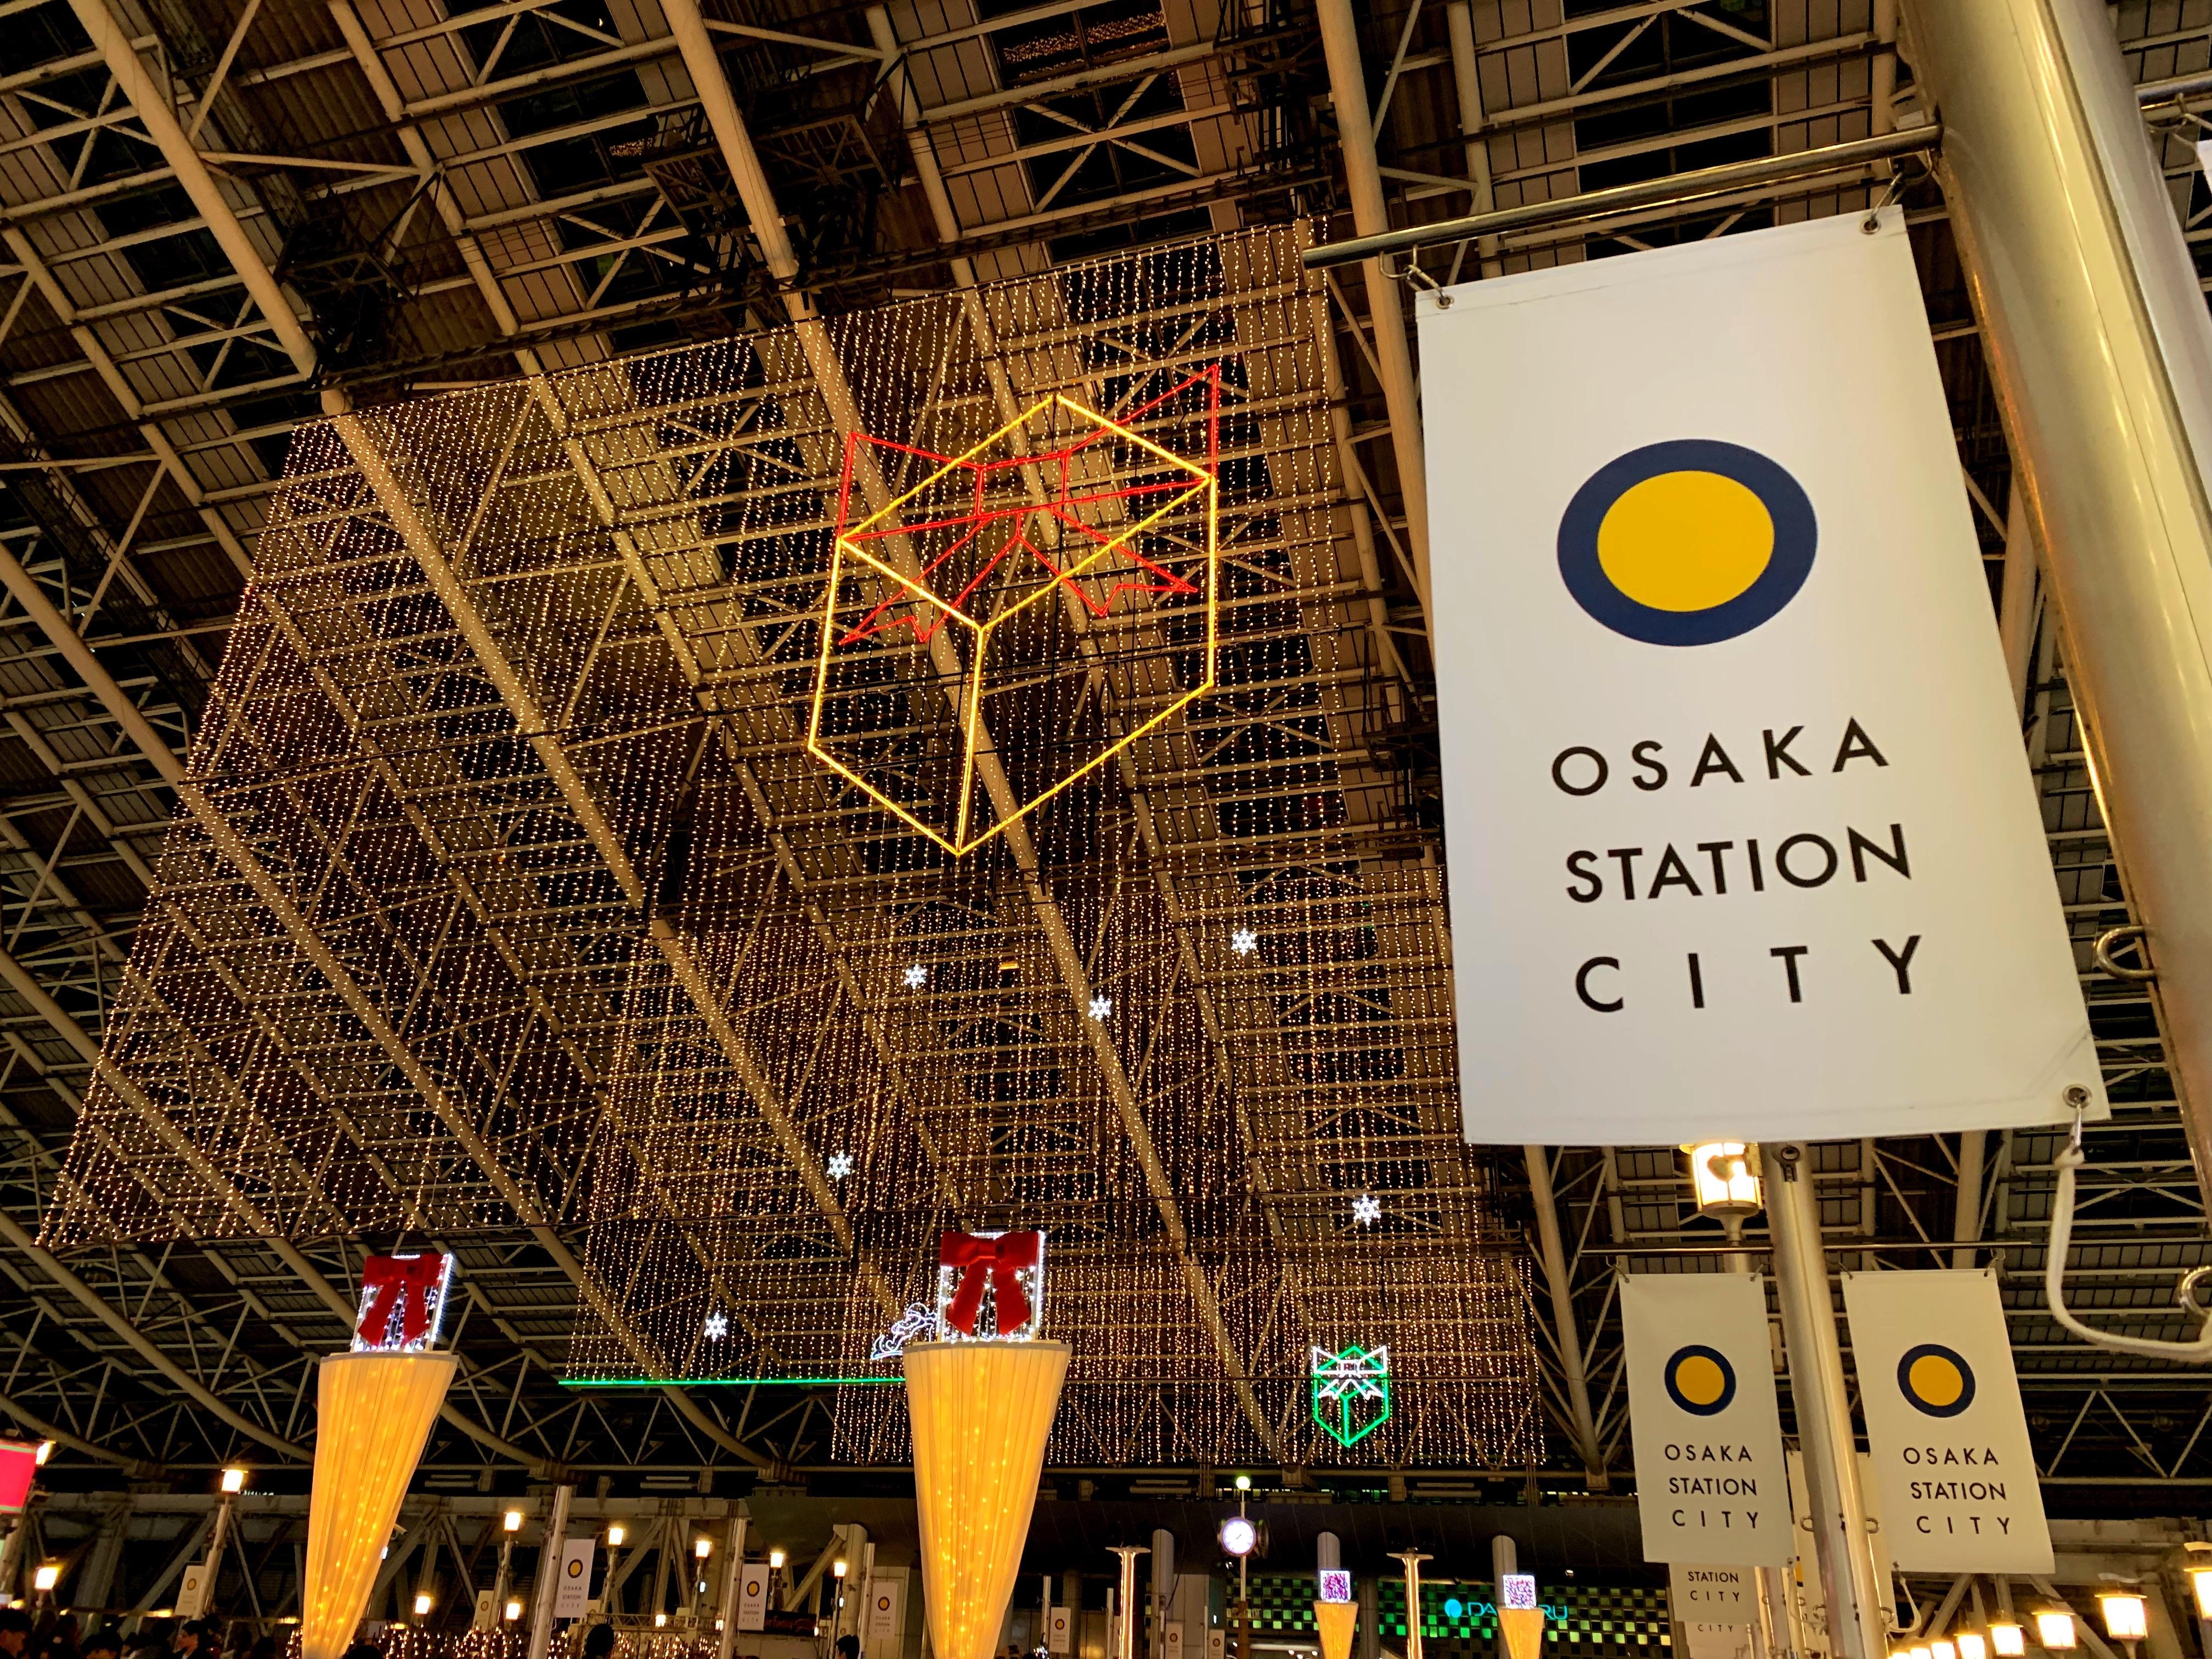 大阪駅5階時空の広場で行われているイルミネーション